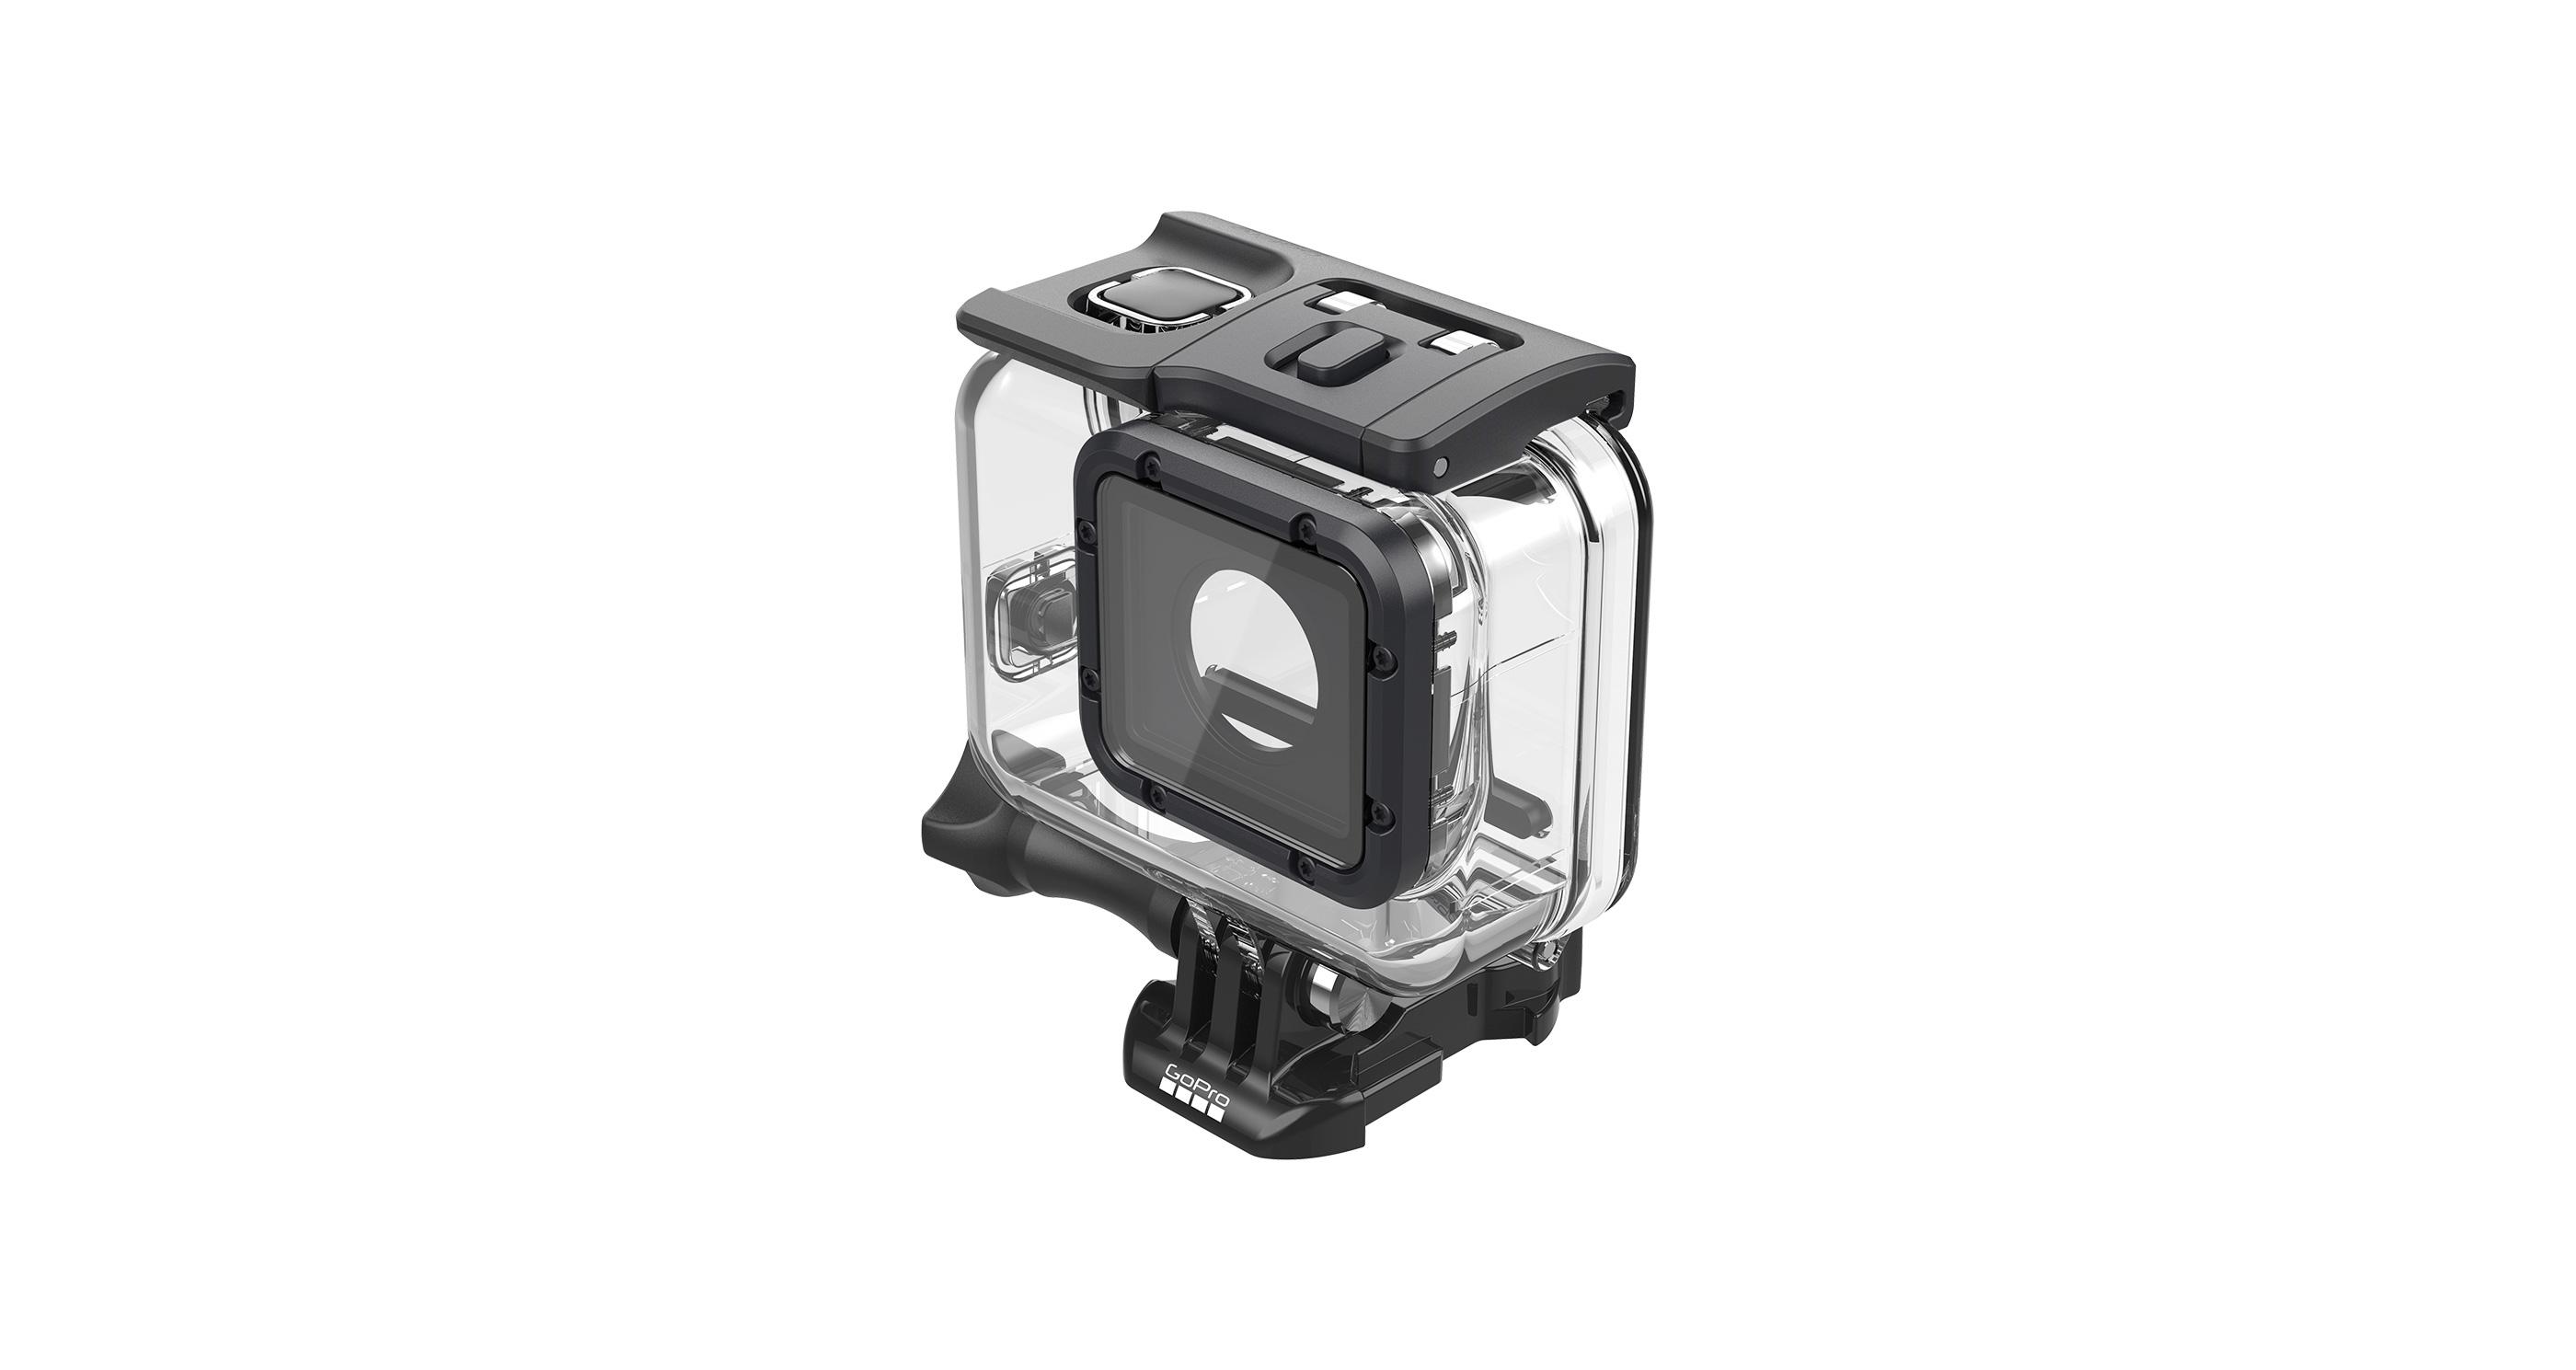 Gopro Protezione GoPro durante le attività estreme all'aperto o le immersioni - Aadiv-001